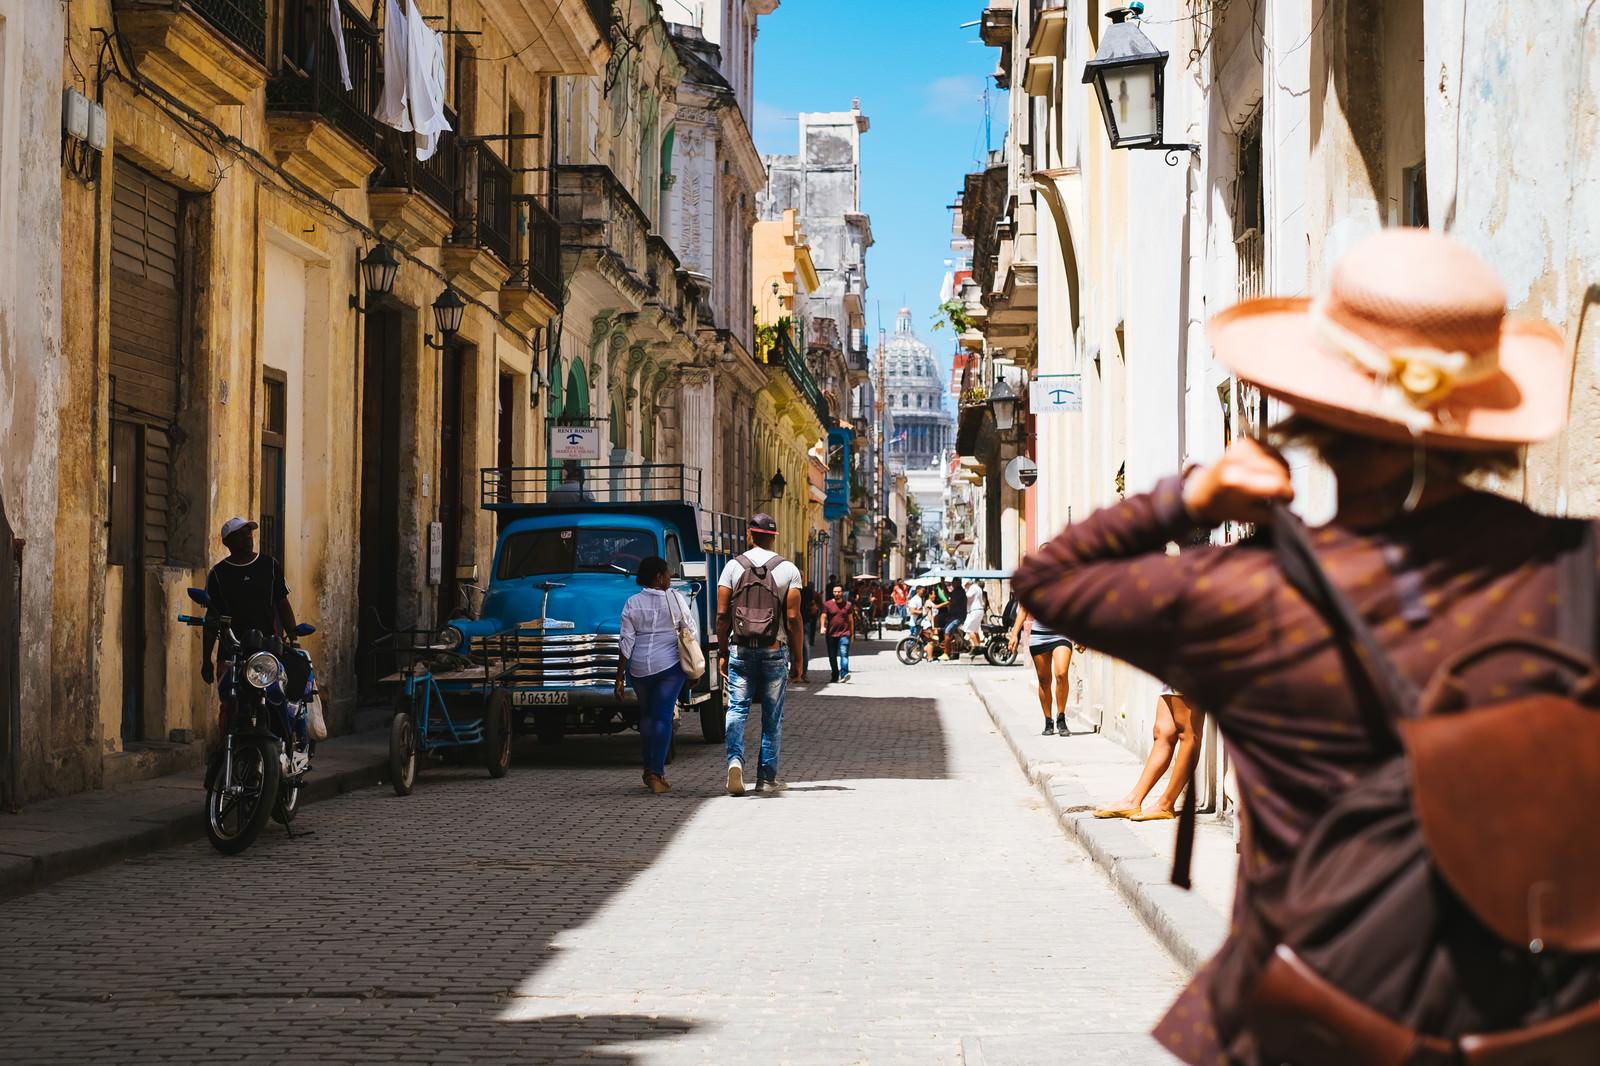 「街を詮索する旅人とキューバの街並み街を詮索する旅人とキューバの街並み」のフリー写真素材を拡大